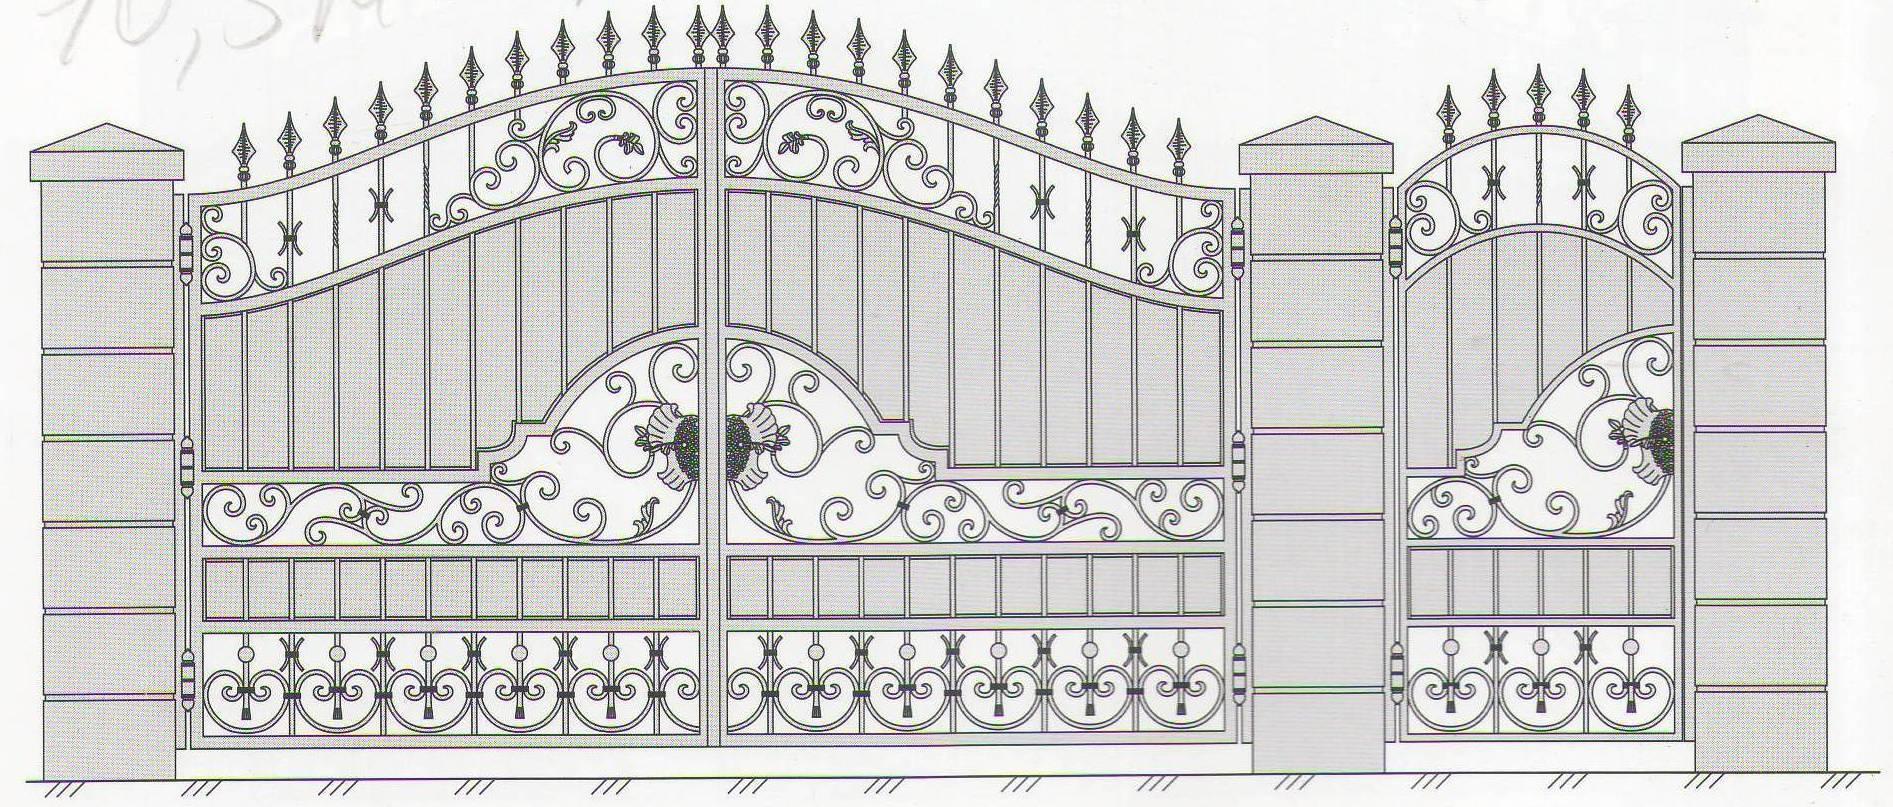 Ворота скиз купить ворота и калитку в кобрине